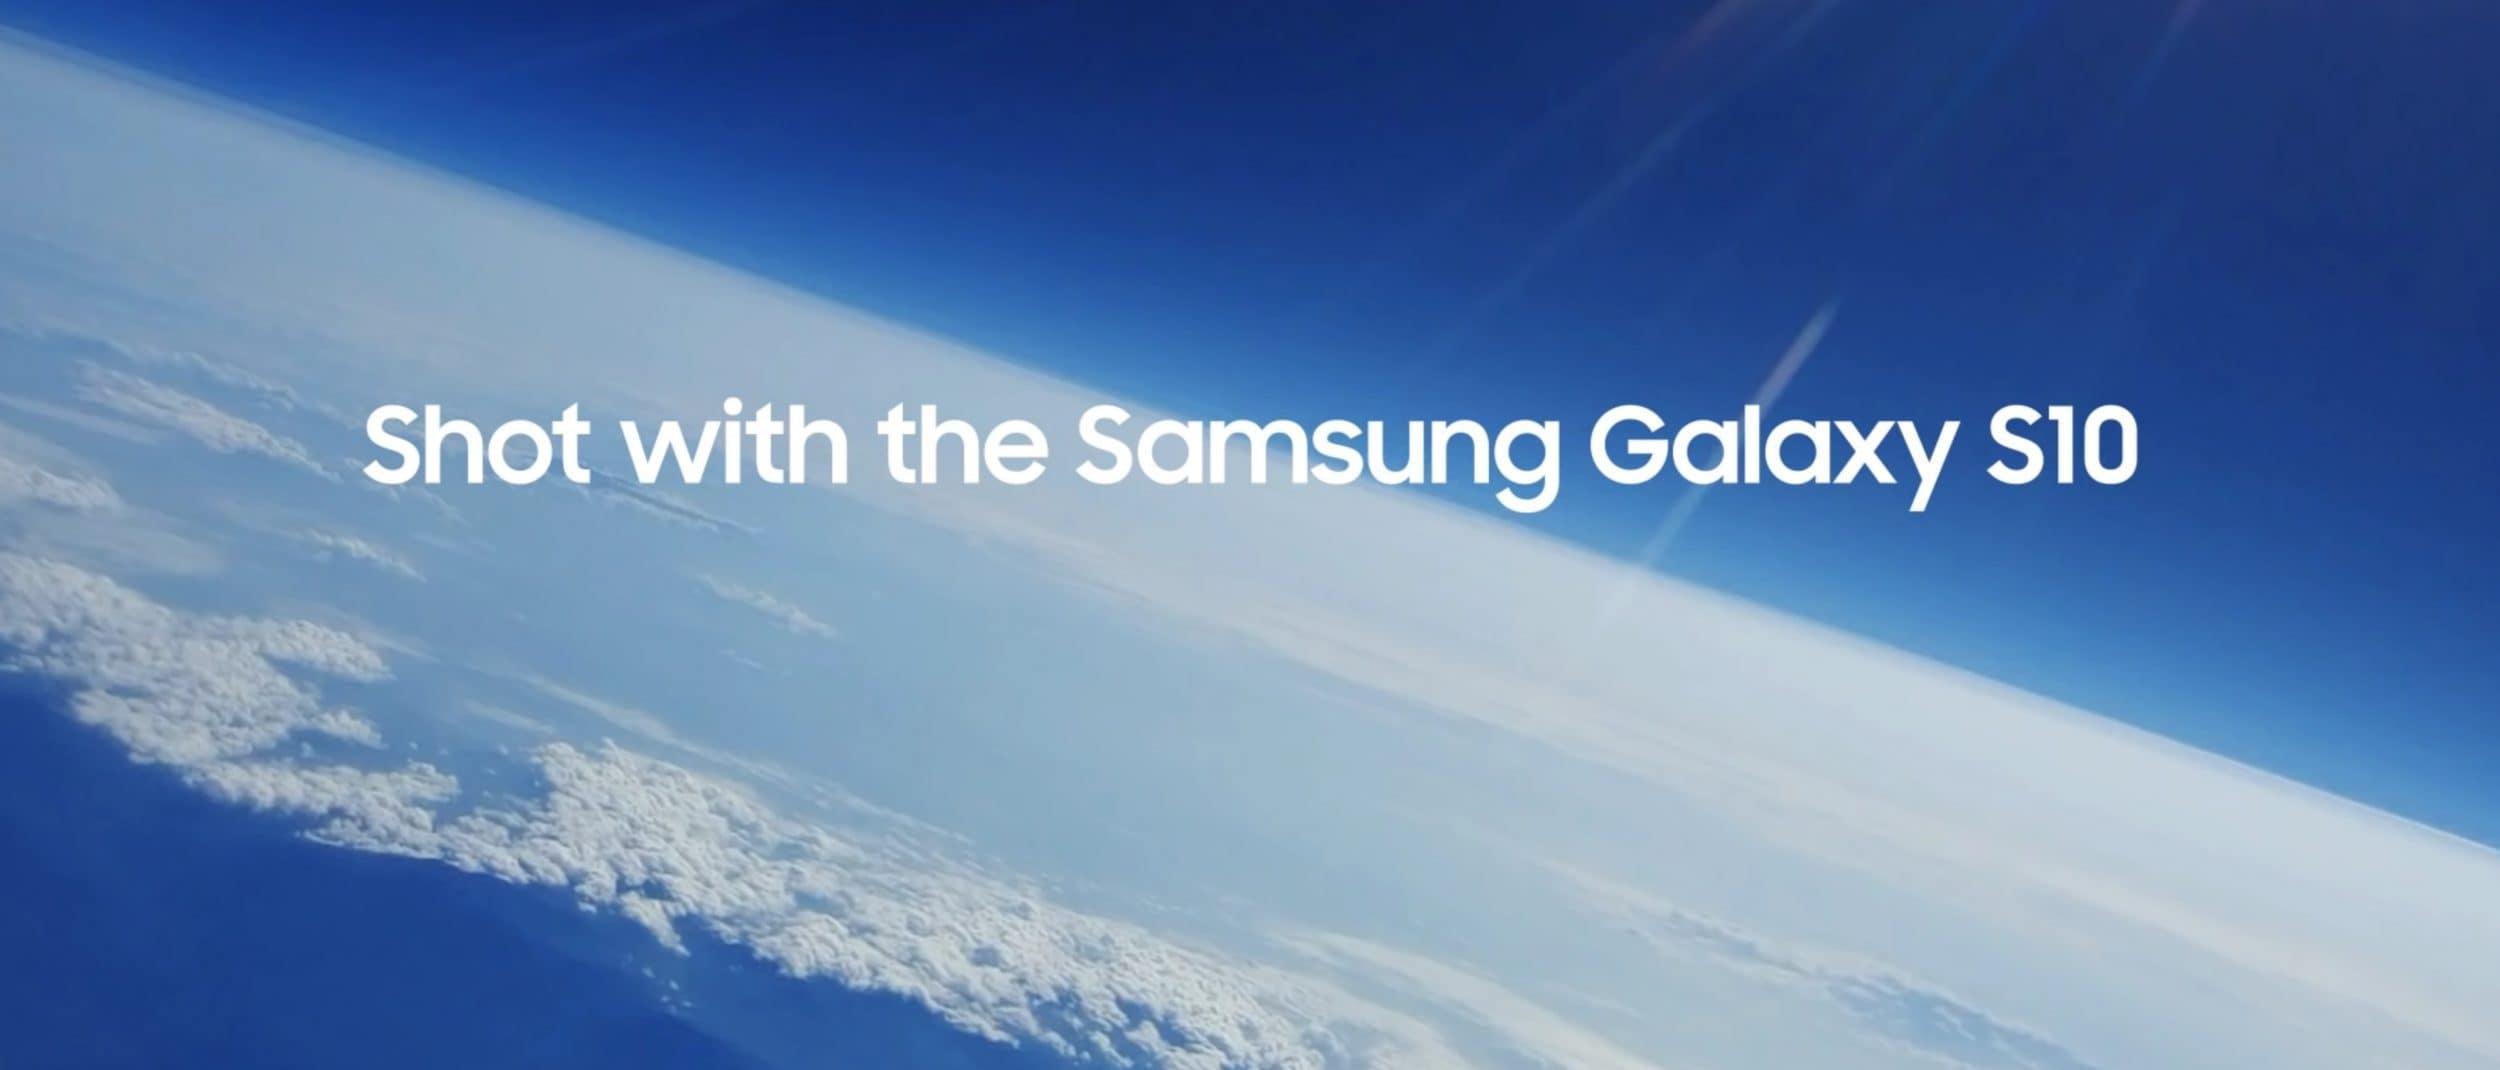 Galaxy S10 è uno smartphone spaziale: Samsung Malesia lo ha spedito nella Stratosfera! (video)